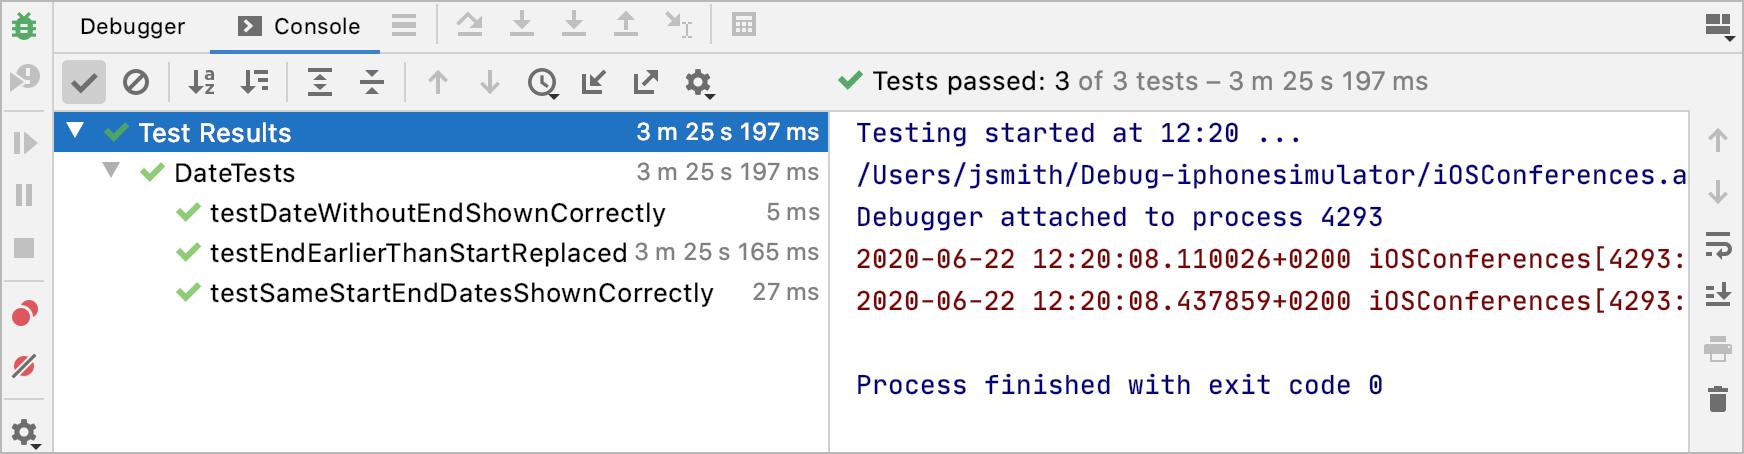 Successful test run